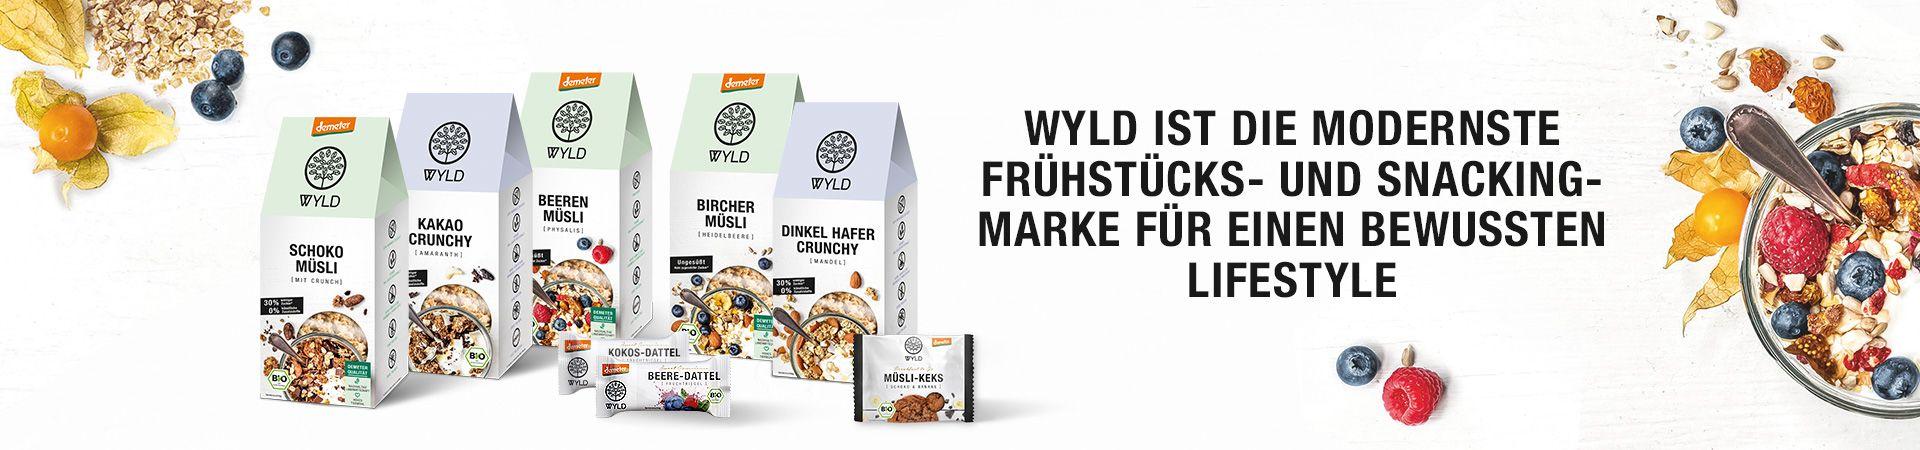 Das Banner zeigt das WYLD Sortiment in neuem Design